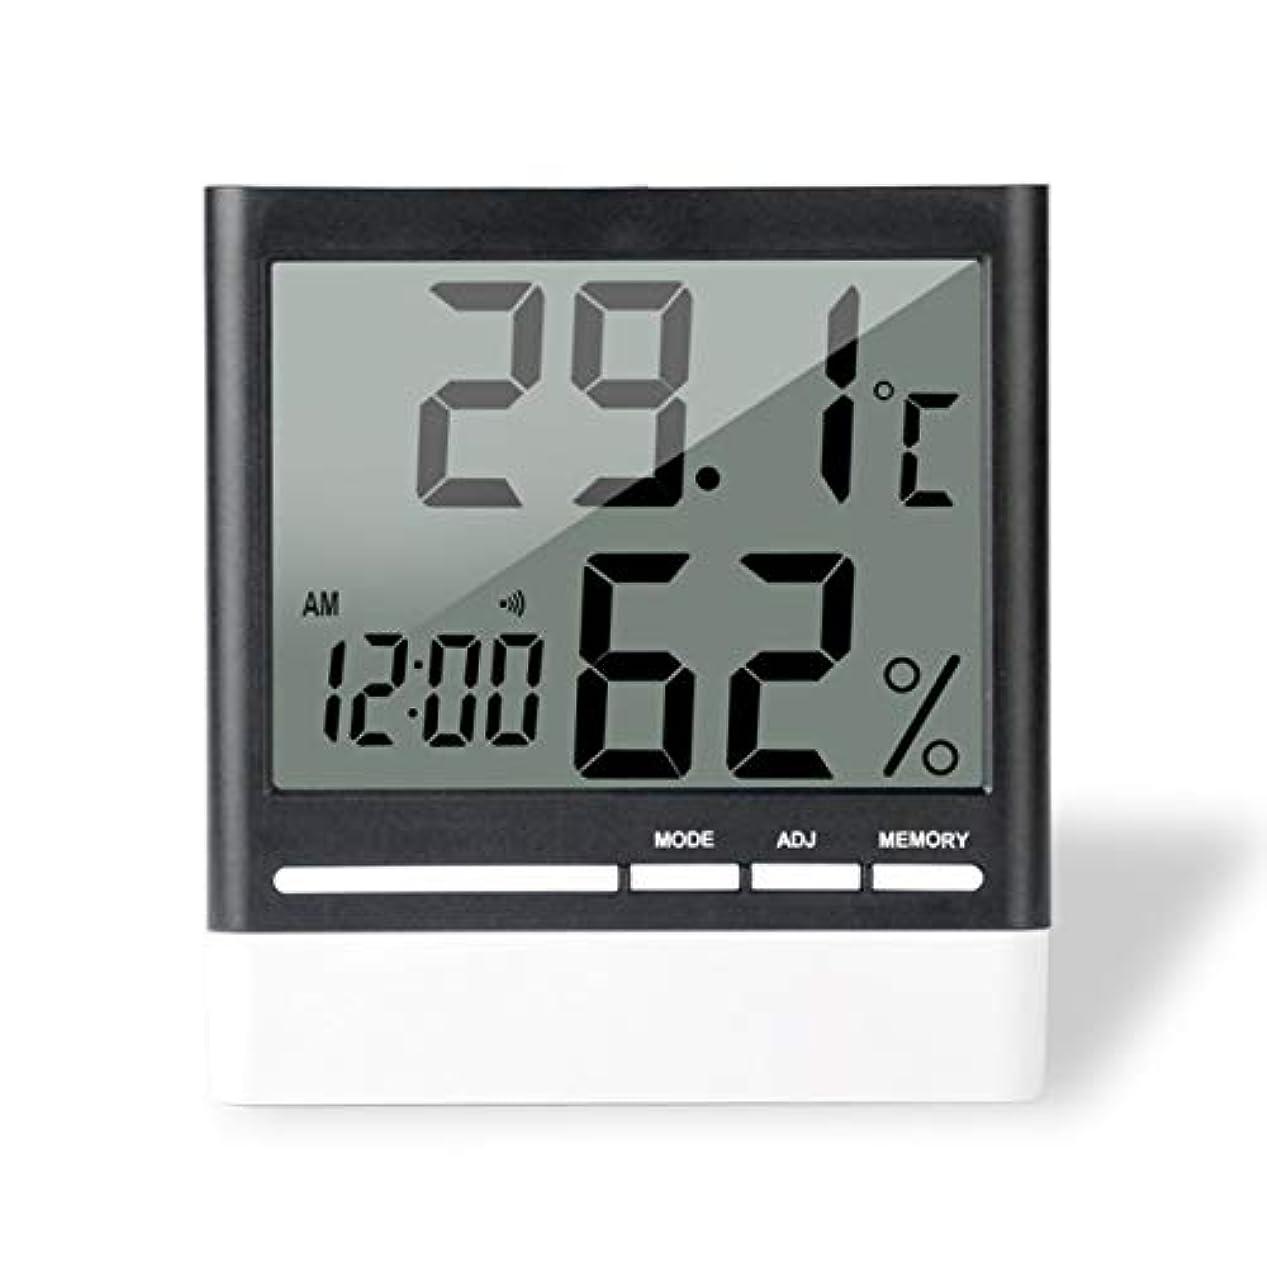 練習生屋内でSaikogoods 電子体温計湿度計 デジタルディスプレイ 温度湿度モニター アラーム時計 屋内家庭用 ブラック